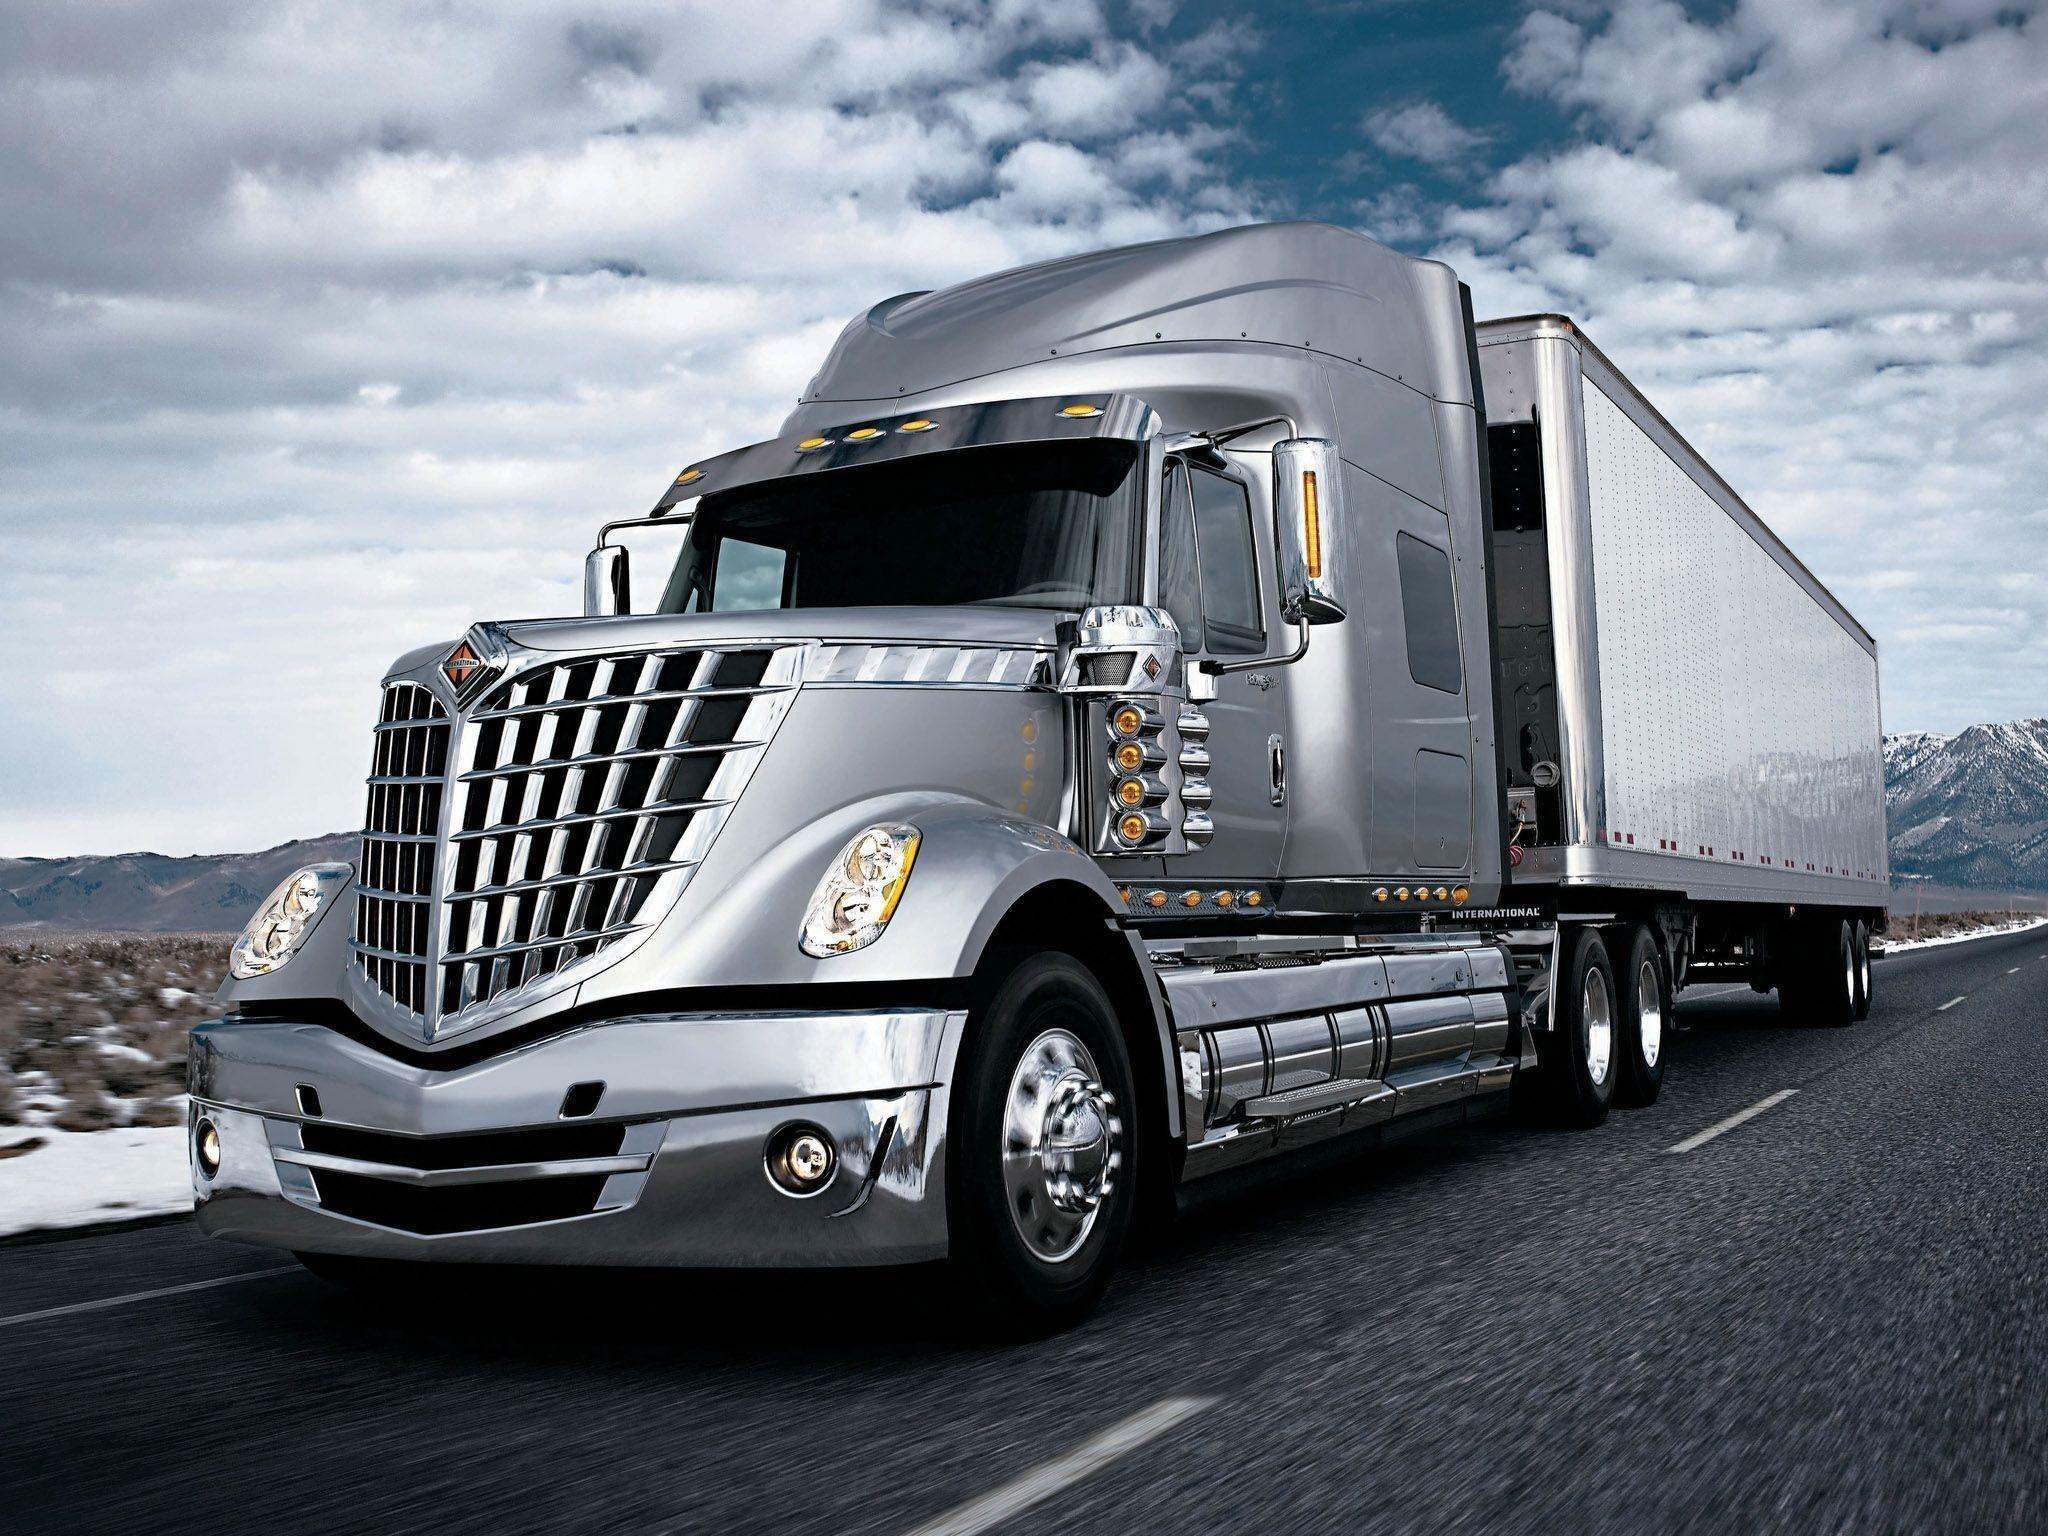 Semi Truck Wallpaper Hd International Truck Big Trucks Trucks